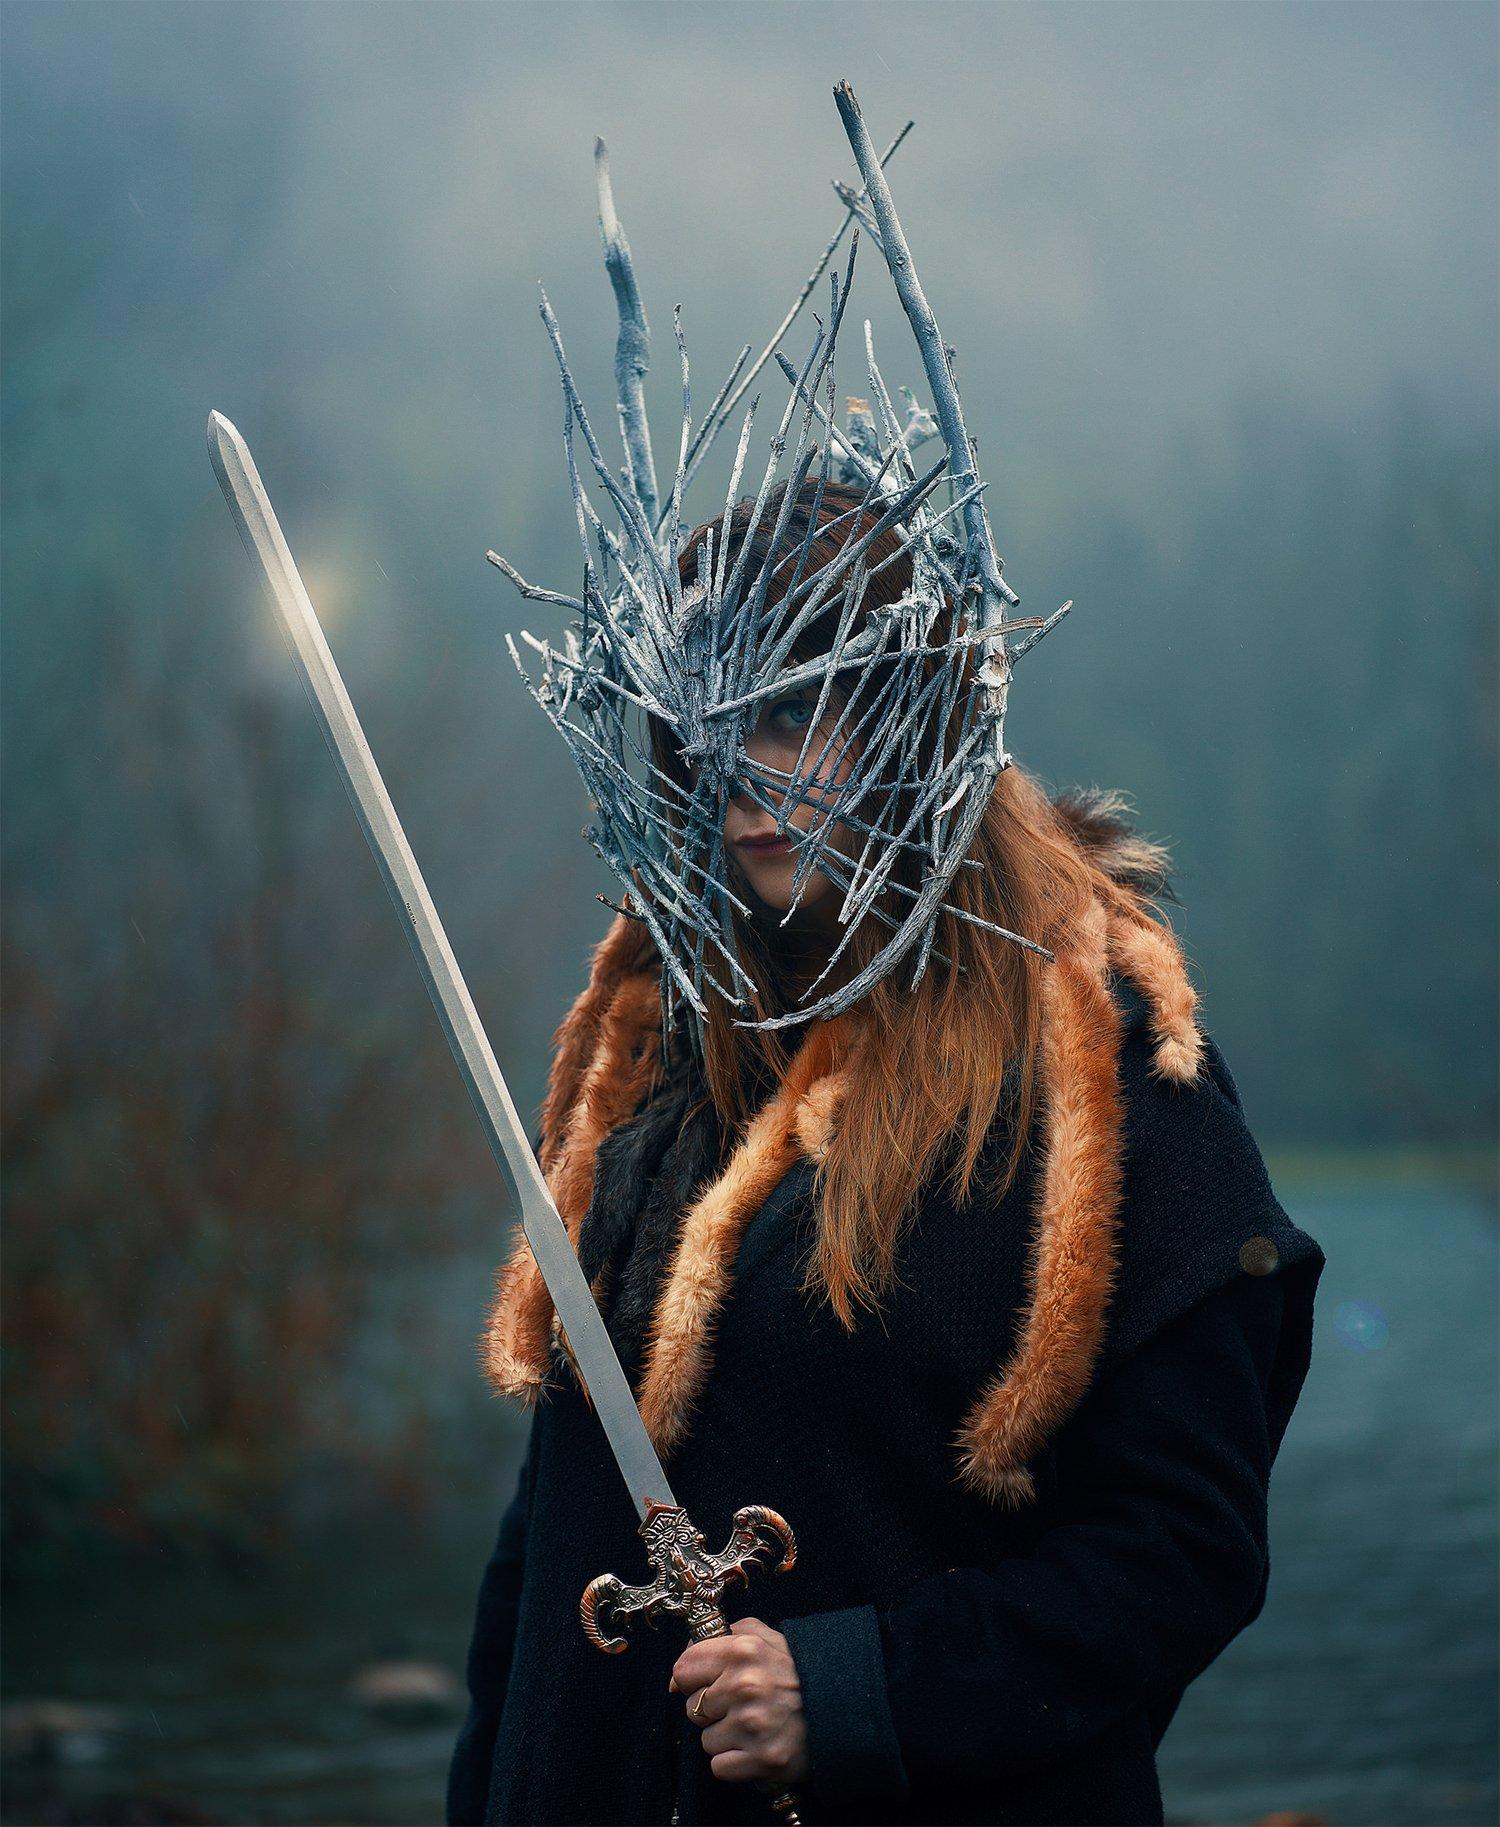 sword, knight, fantasy photography